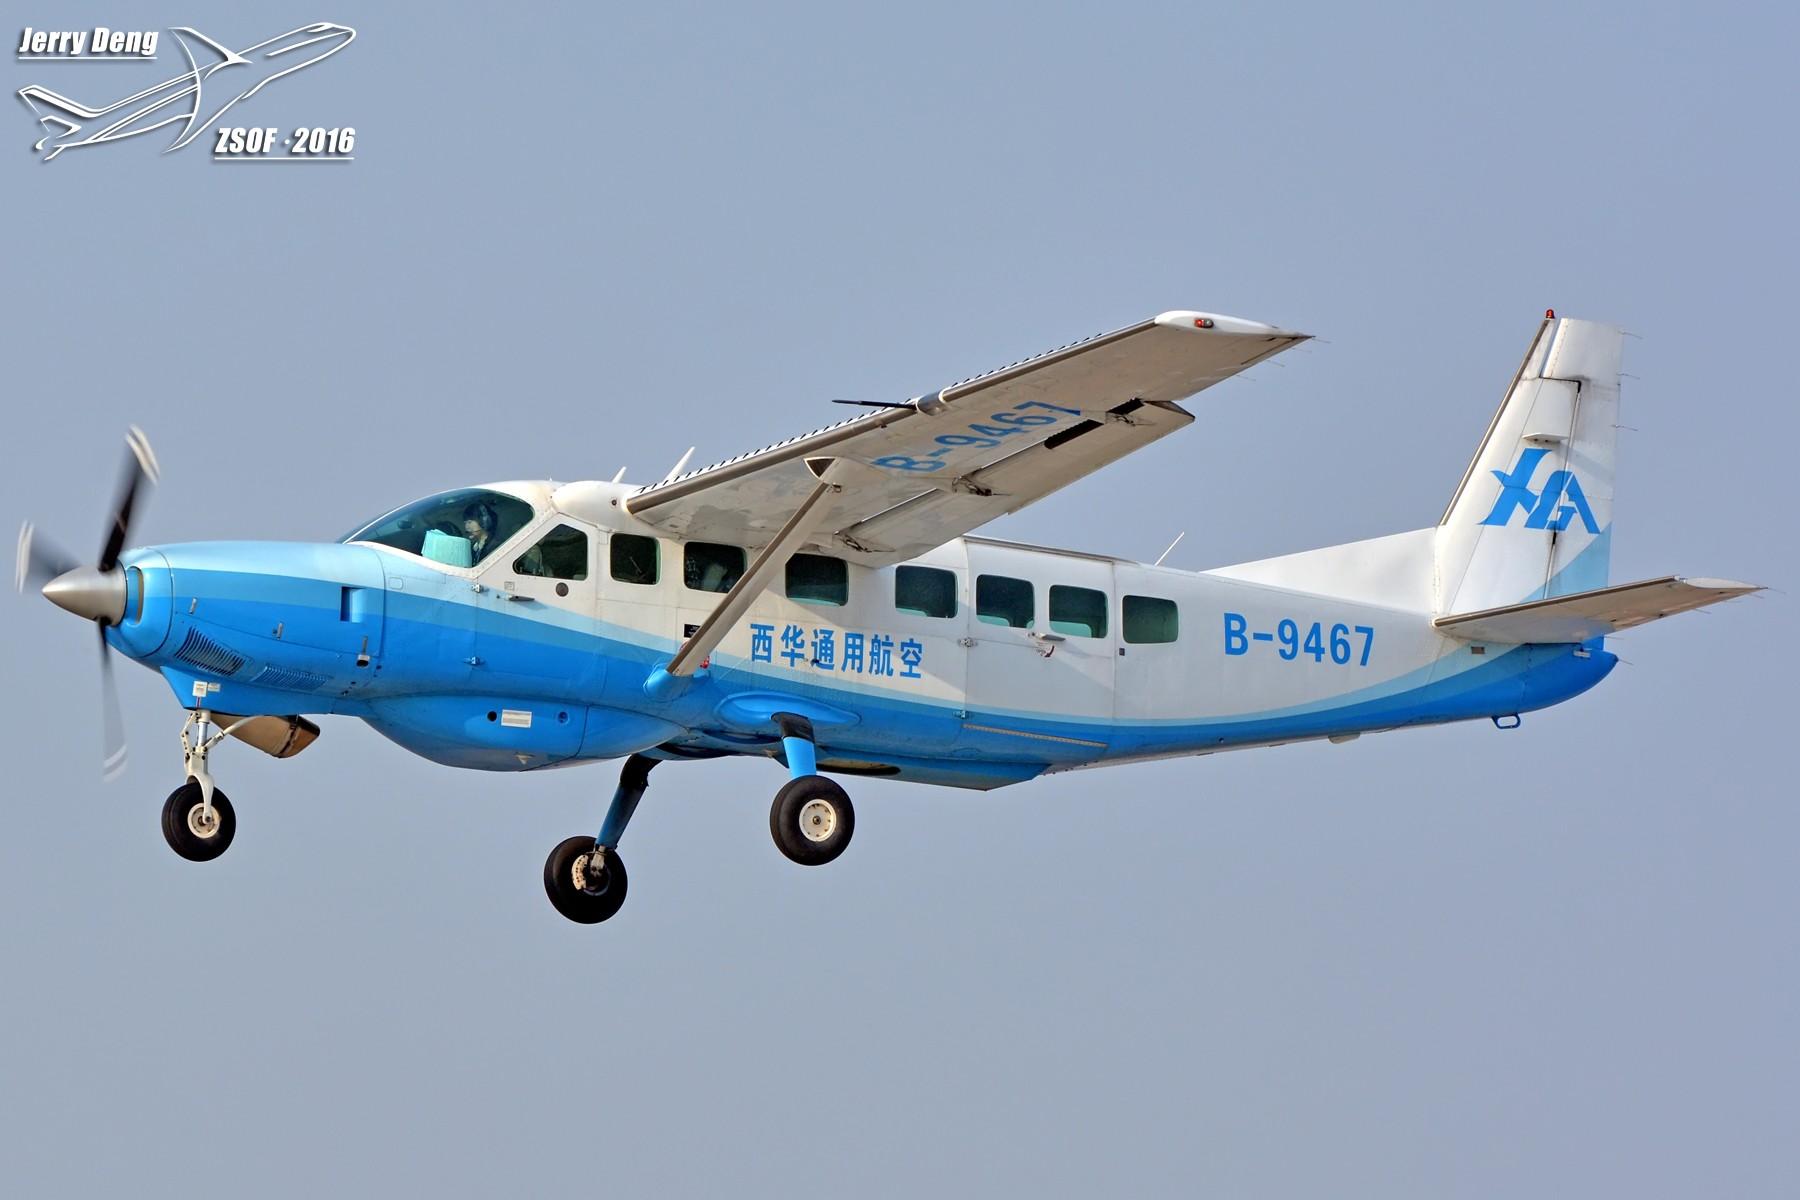 [原创]【一图党】女飞飞驾驶大篷车起飞一张 CESSNA 208B GRAND CARAVAN B-9467 中国合肥新桥国际机场